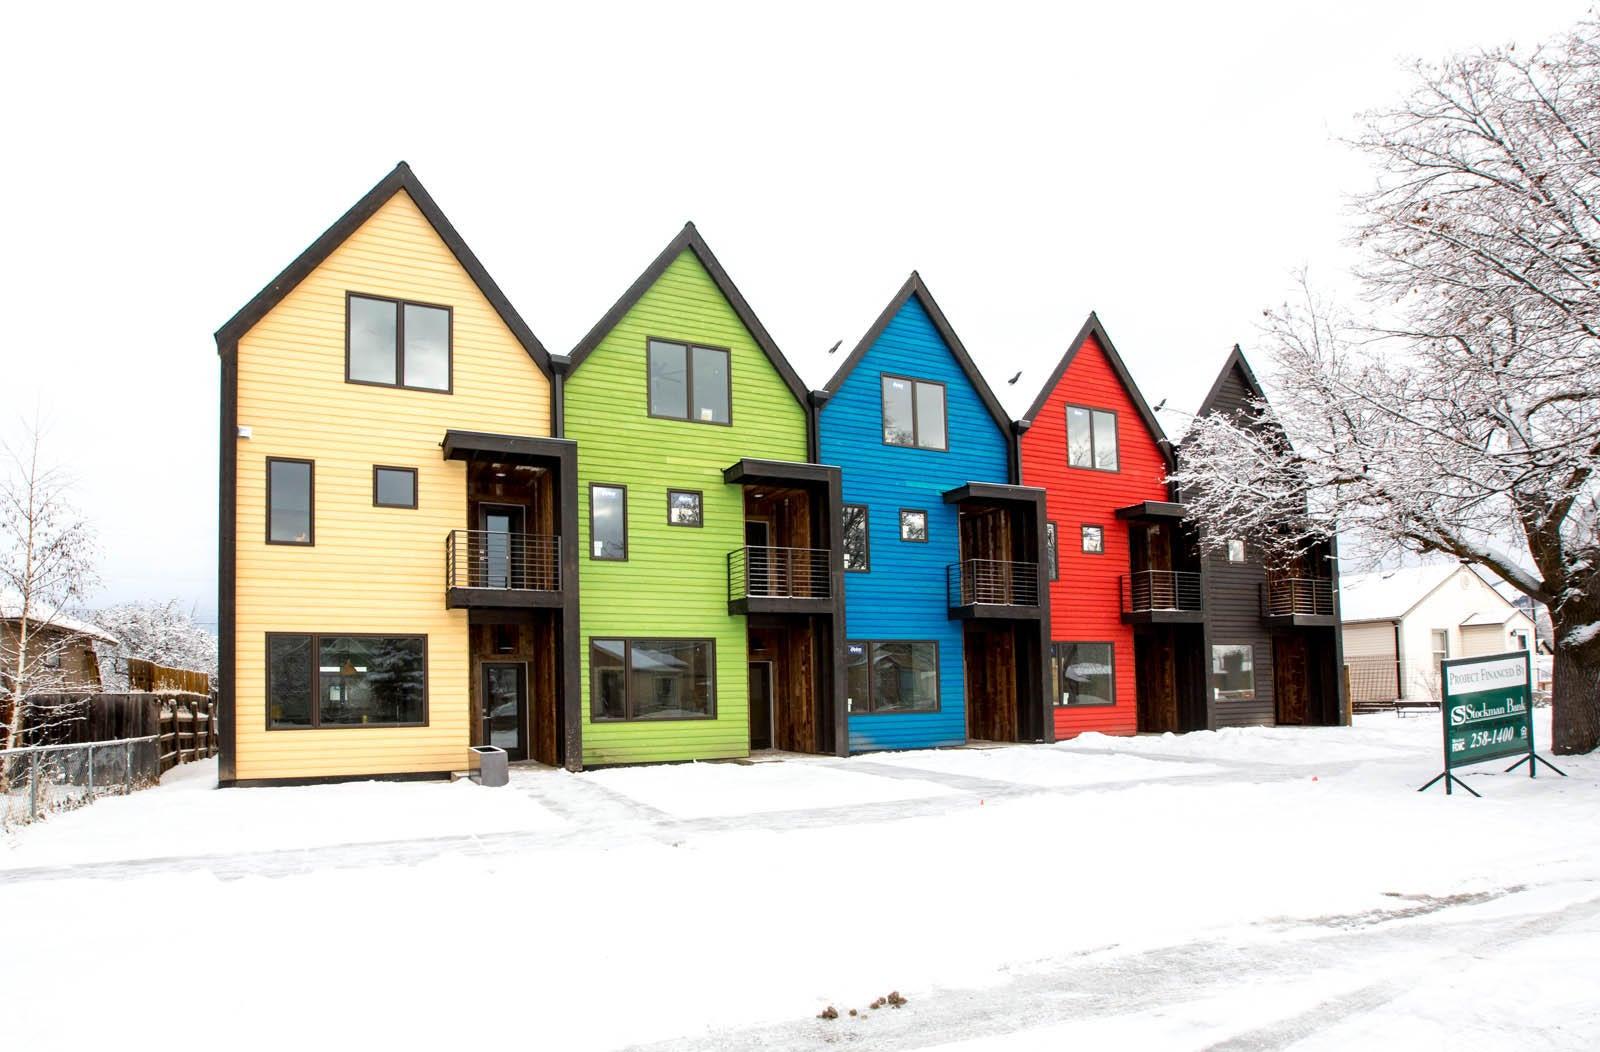 Nordic Row